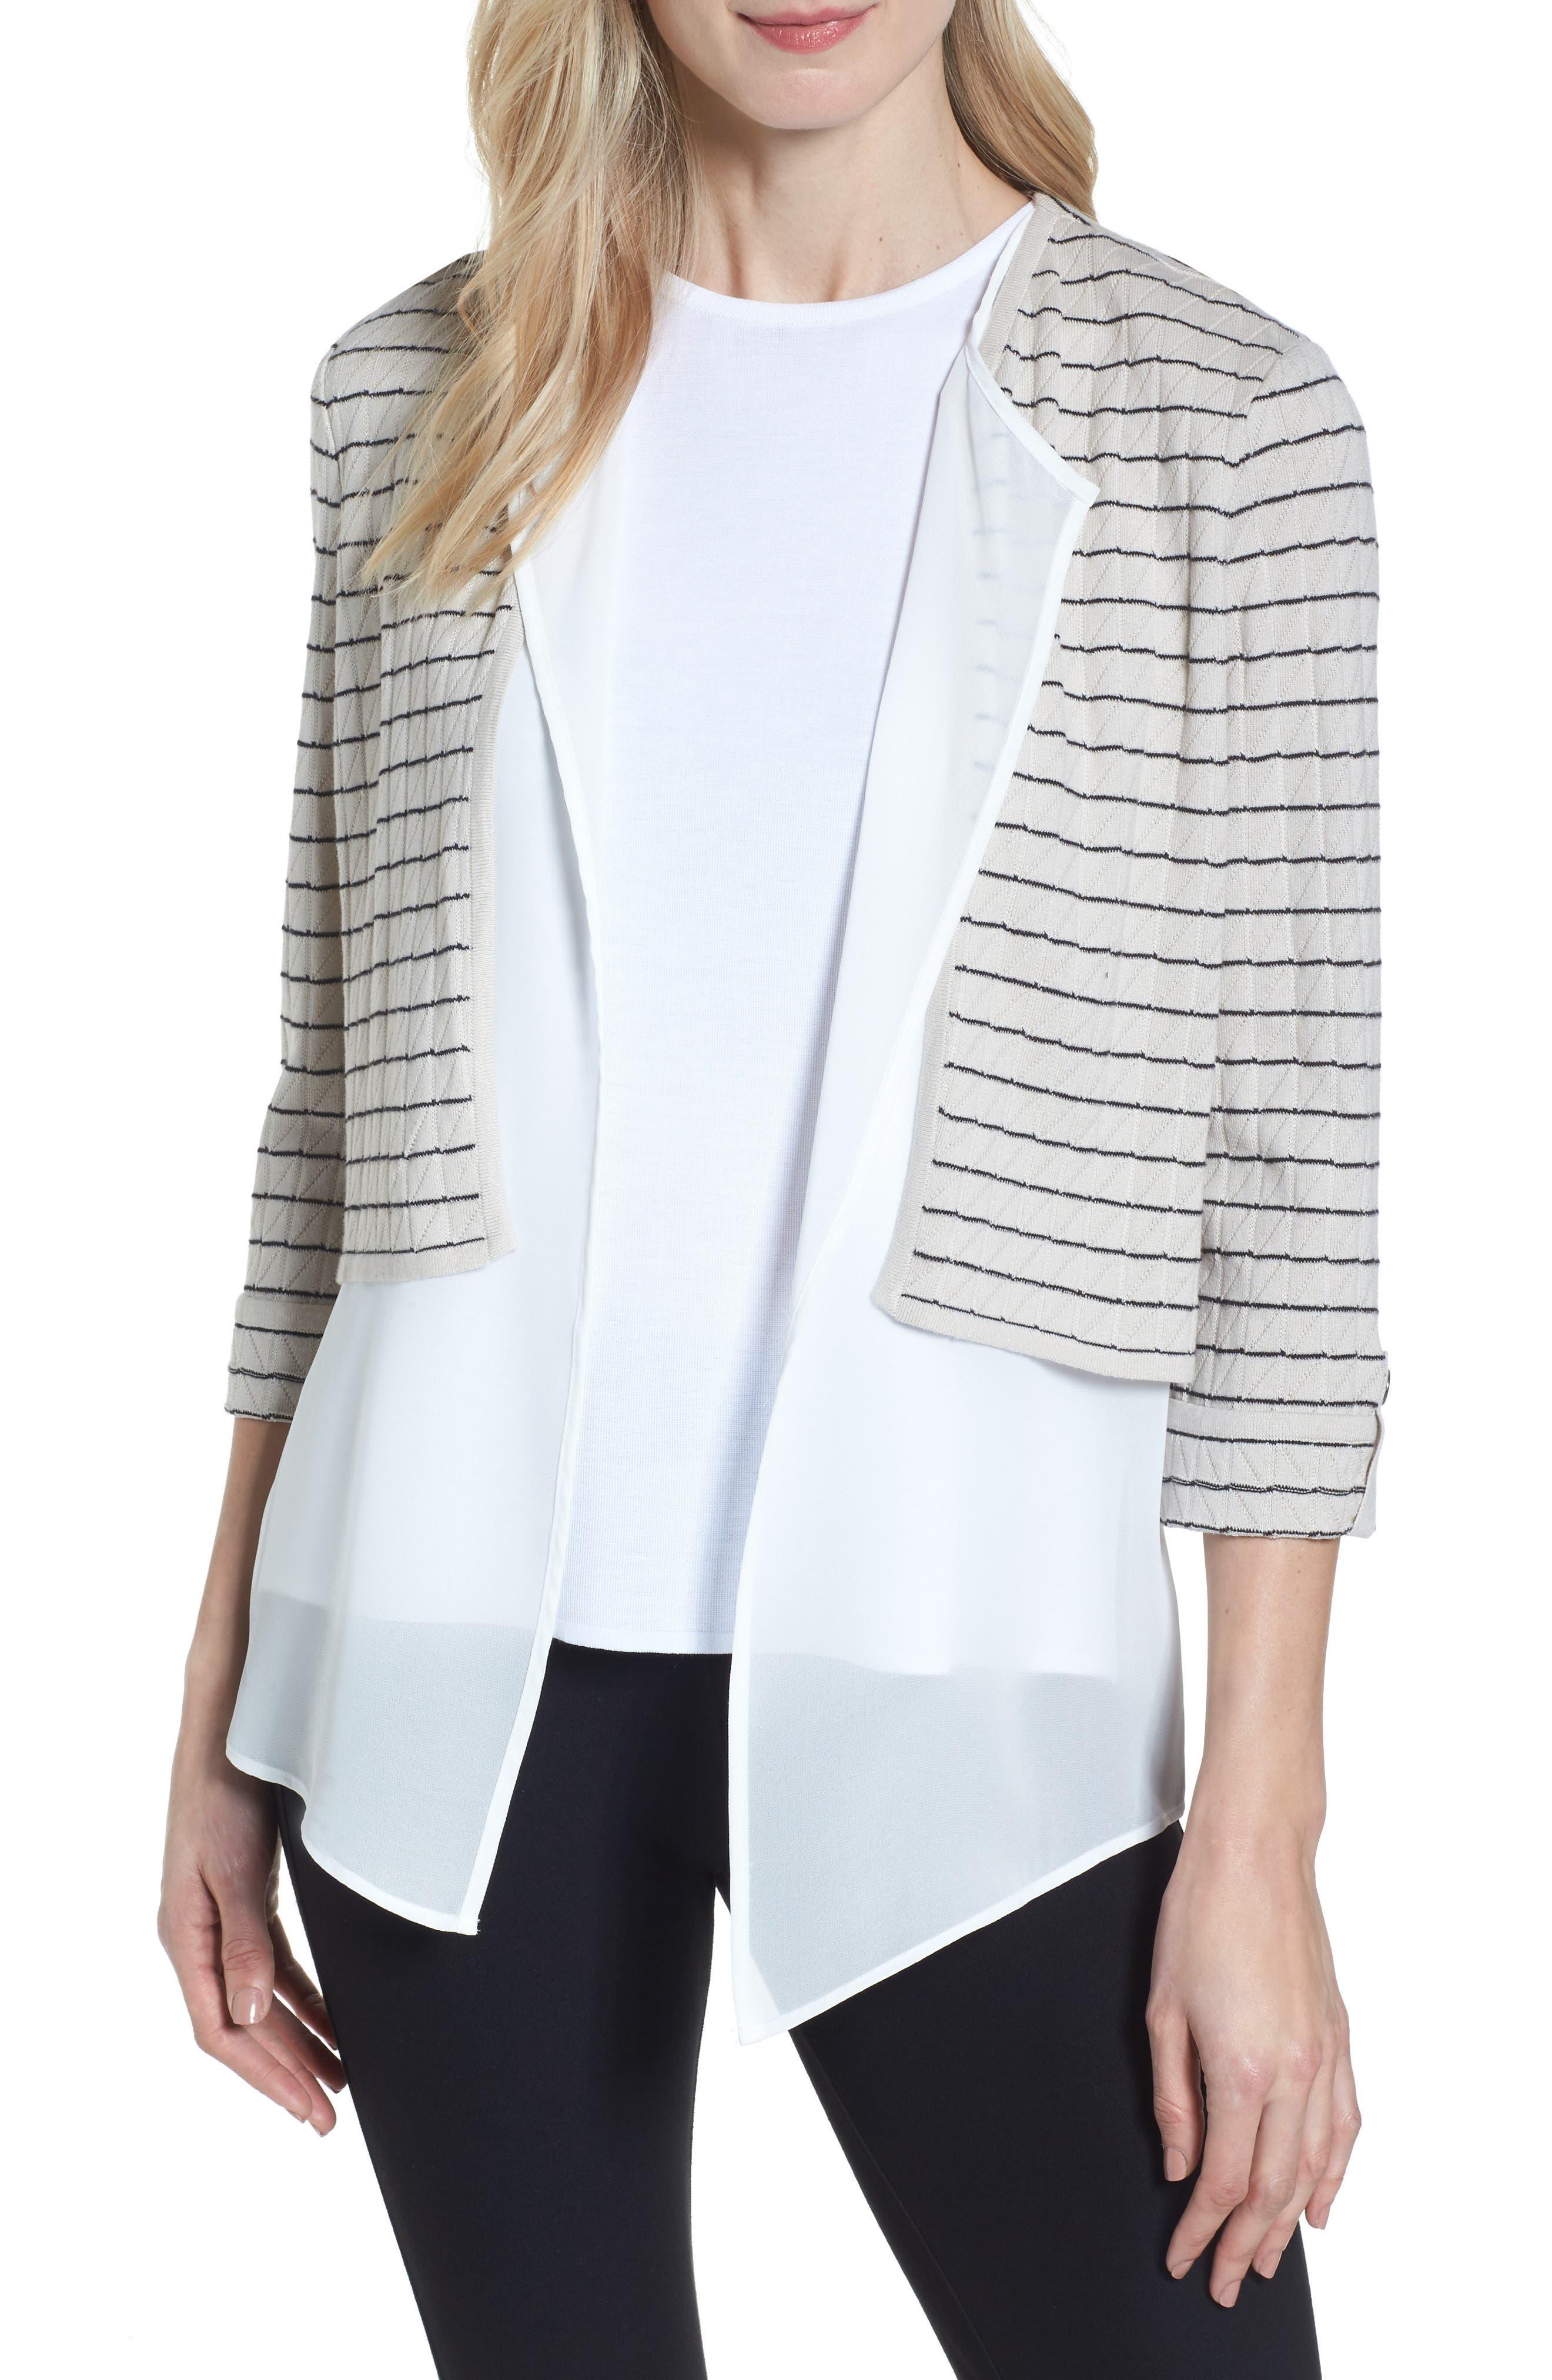 Main Image - Ming Wang Layered Look Knit Jacket